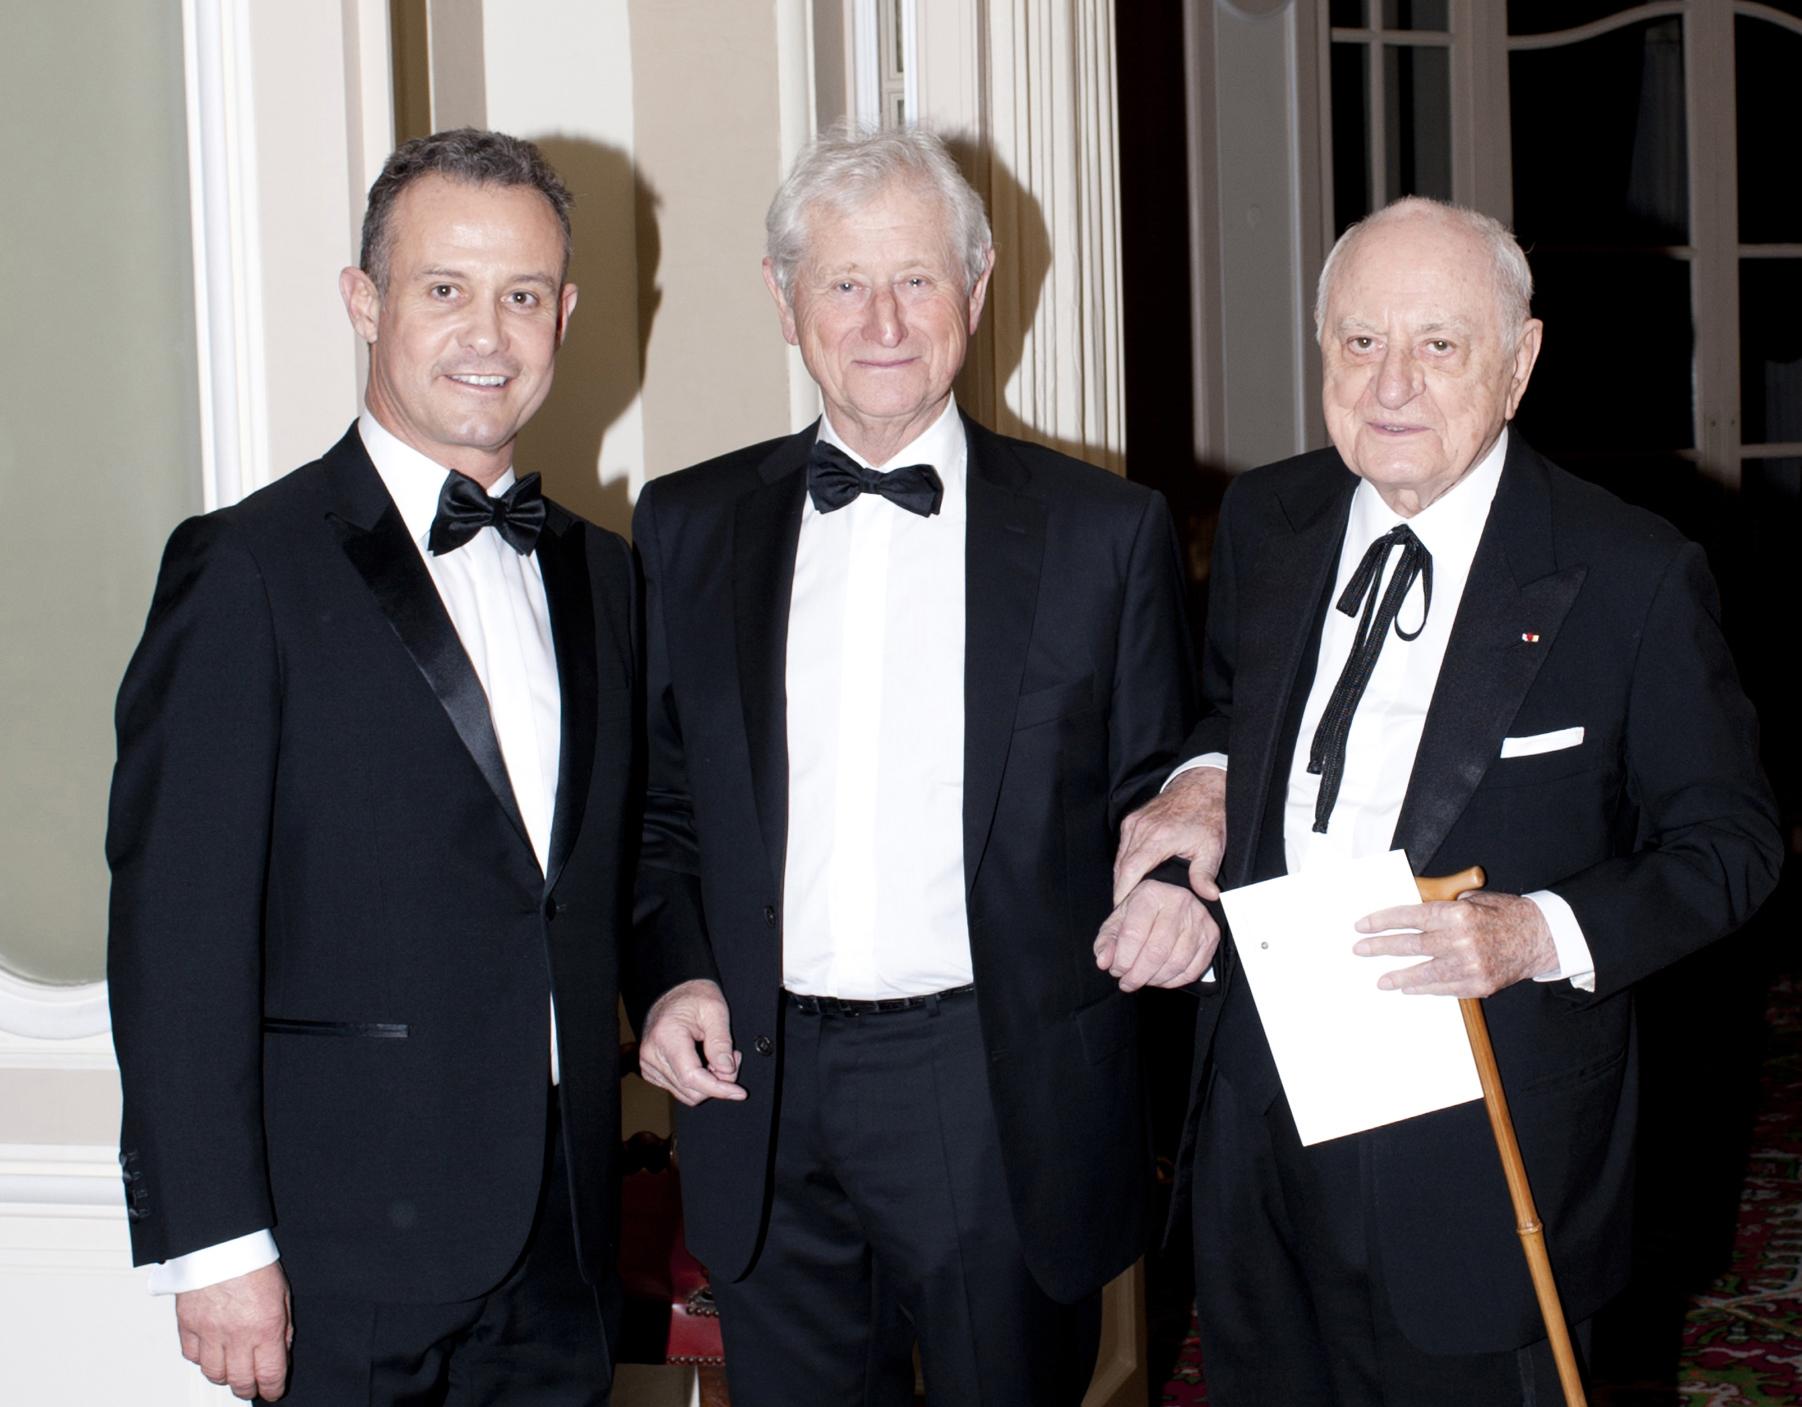 Francis BAILLET, avocat à la Cour - Jacques BURSZTEJN, collectionneur - Pierre BERGÉ, mécène & président de la fondation Pierre Bergé - Yves Saint Laurent